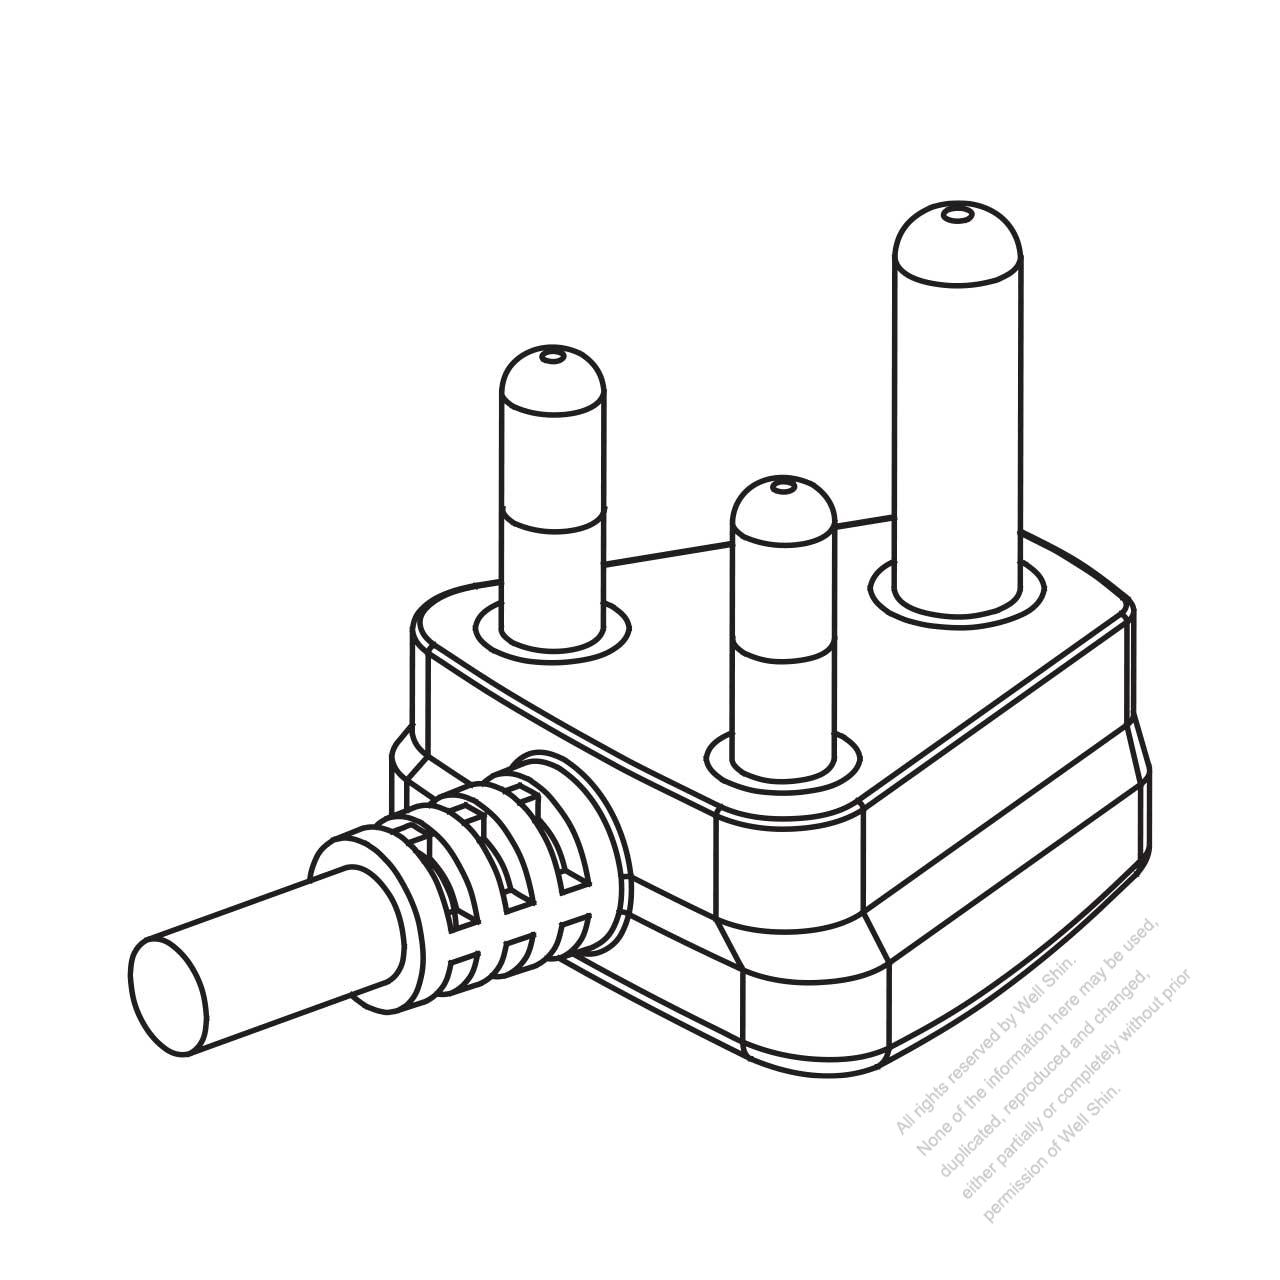 pin plug wiring diagram singapore wiring diagram and hernes power plug wiring diagram wiring a 3 pin